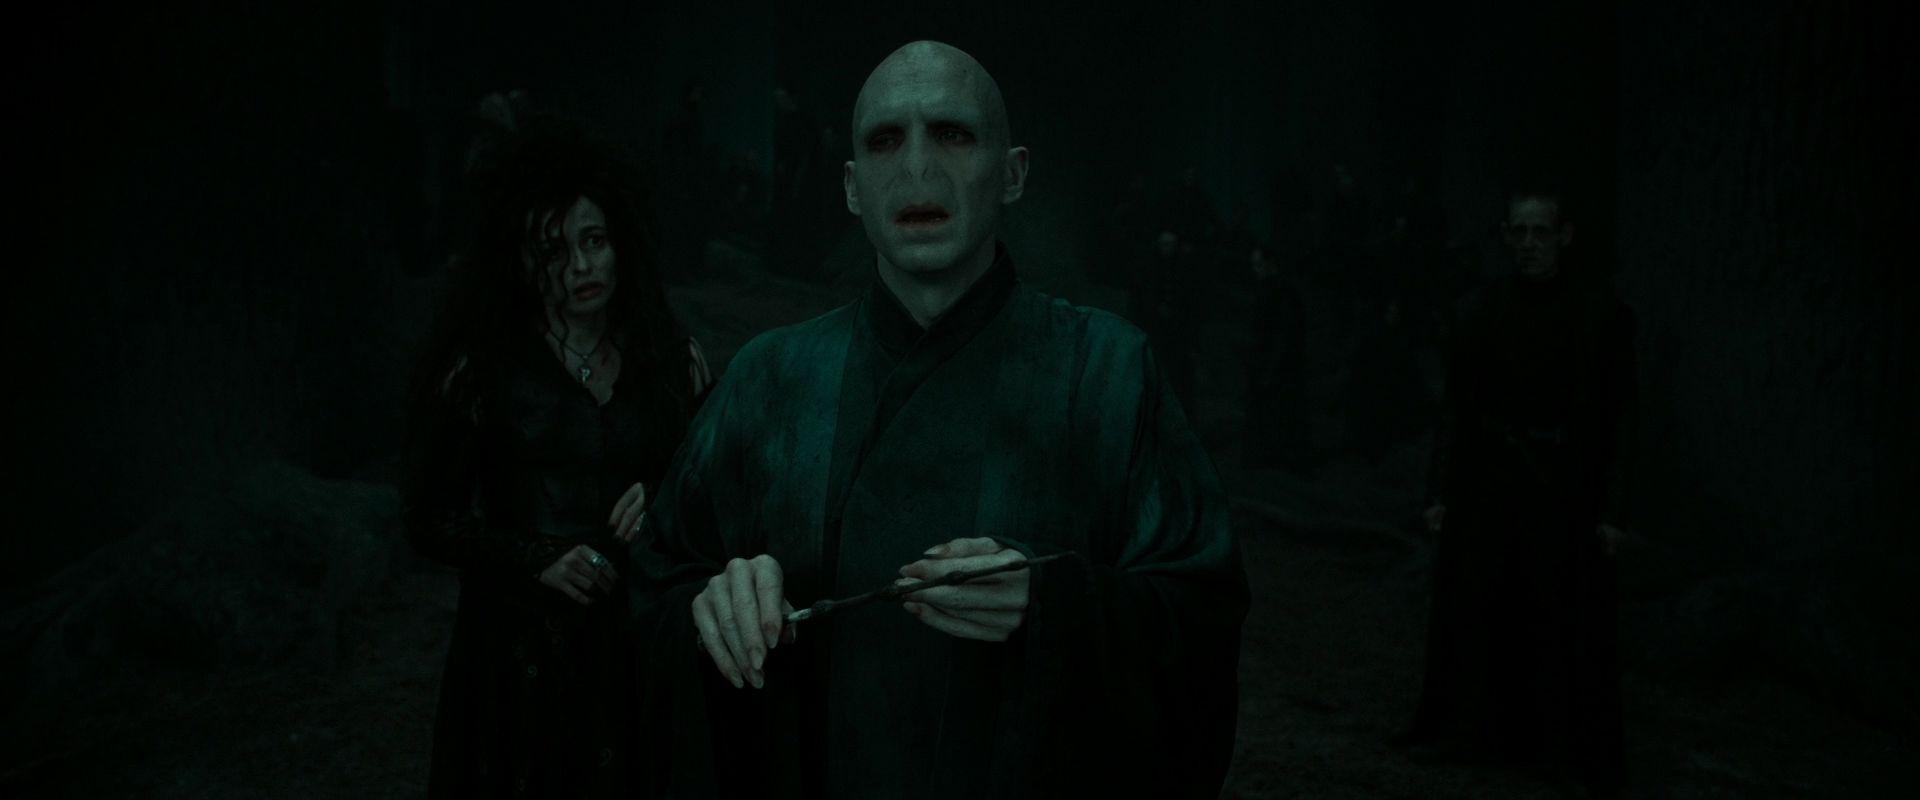 Cena do filme Harry Potter e as Relíquias da Morte: Parte 2. A cena mostra Voldemort na floresta, no escuro e com a Varinha das Varinhas na mão. Atrás dele, e meio desfocada, está Bellatrix Lestrange. Voldemort é careca, tem pele cor de leite e um nariz de cobra. Bellatrix é branca, tem cabelos sedosos pretos e usa um vestido escuro.